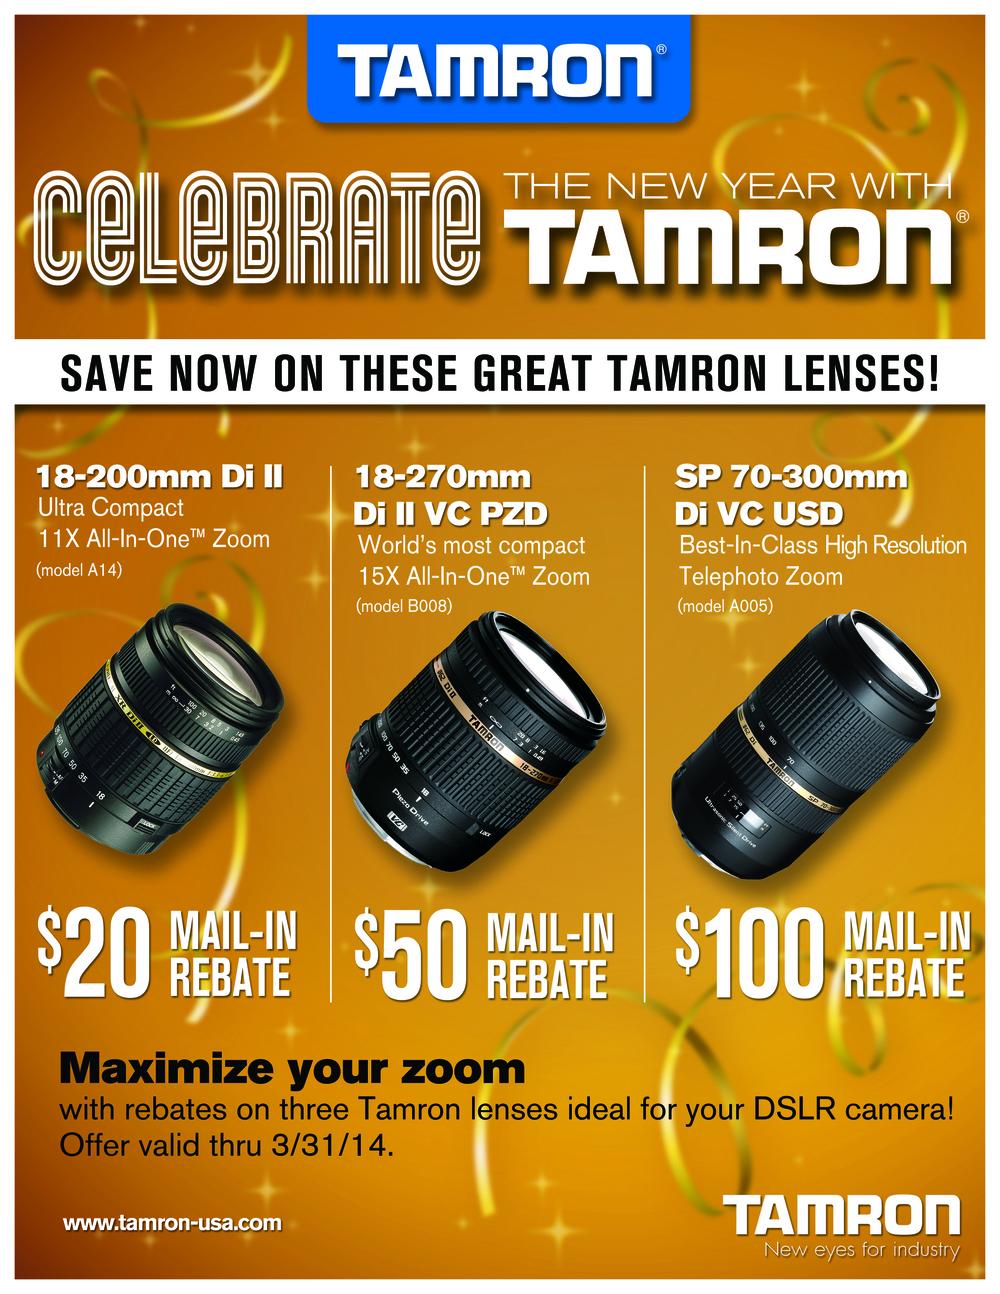 Tamron Rebates_Jan 2014.jpg